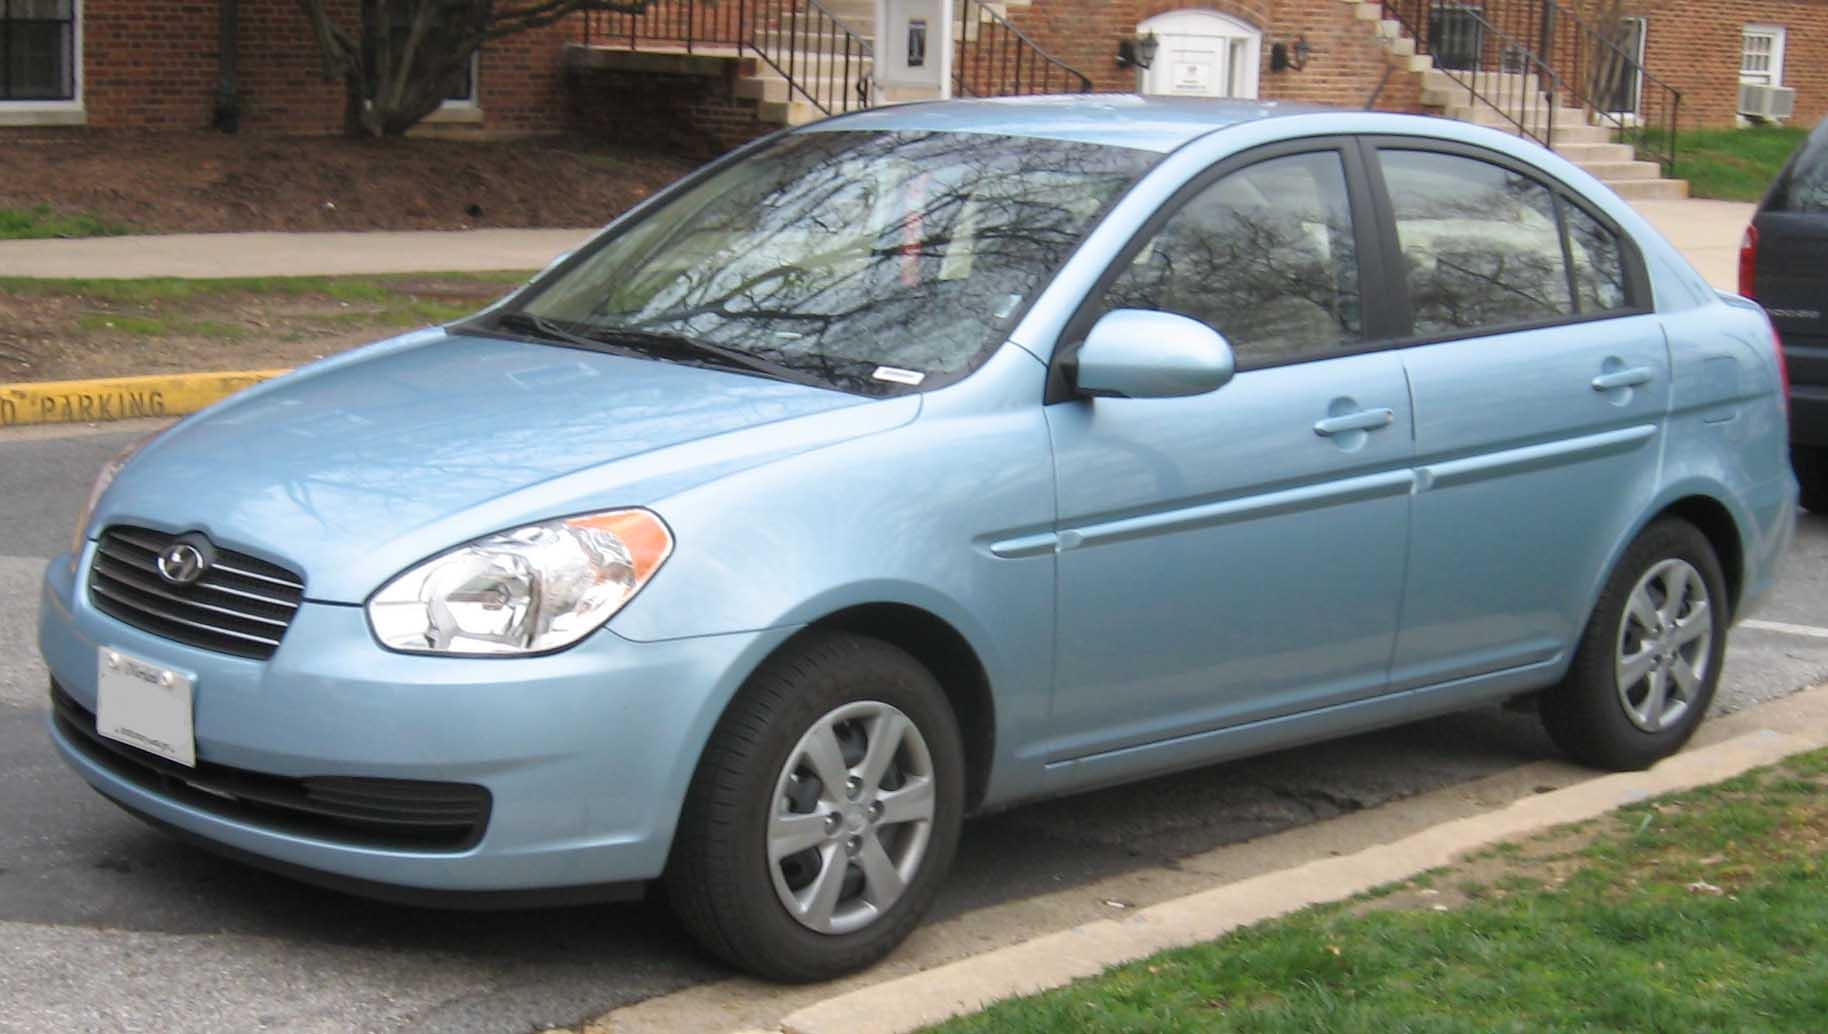 2008 Hyundai Accent #1 Hyundai Accent #1